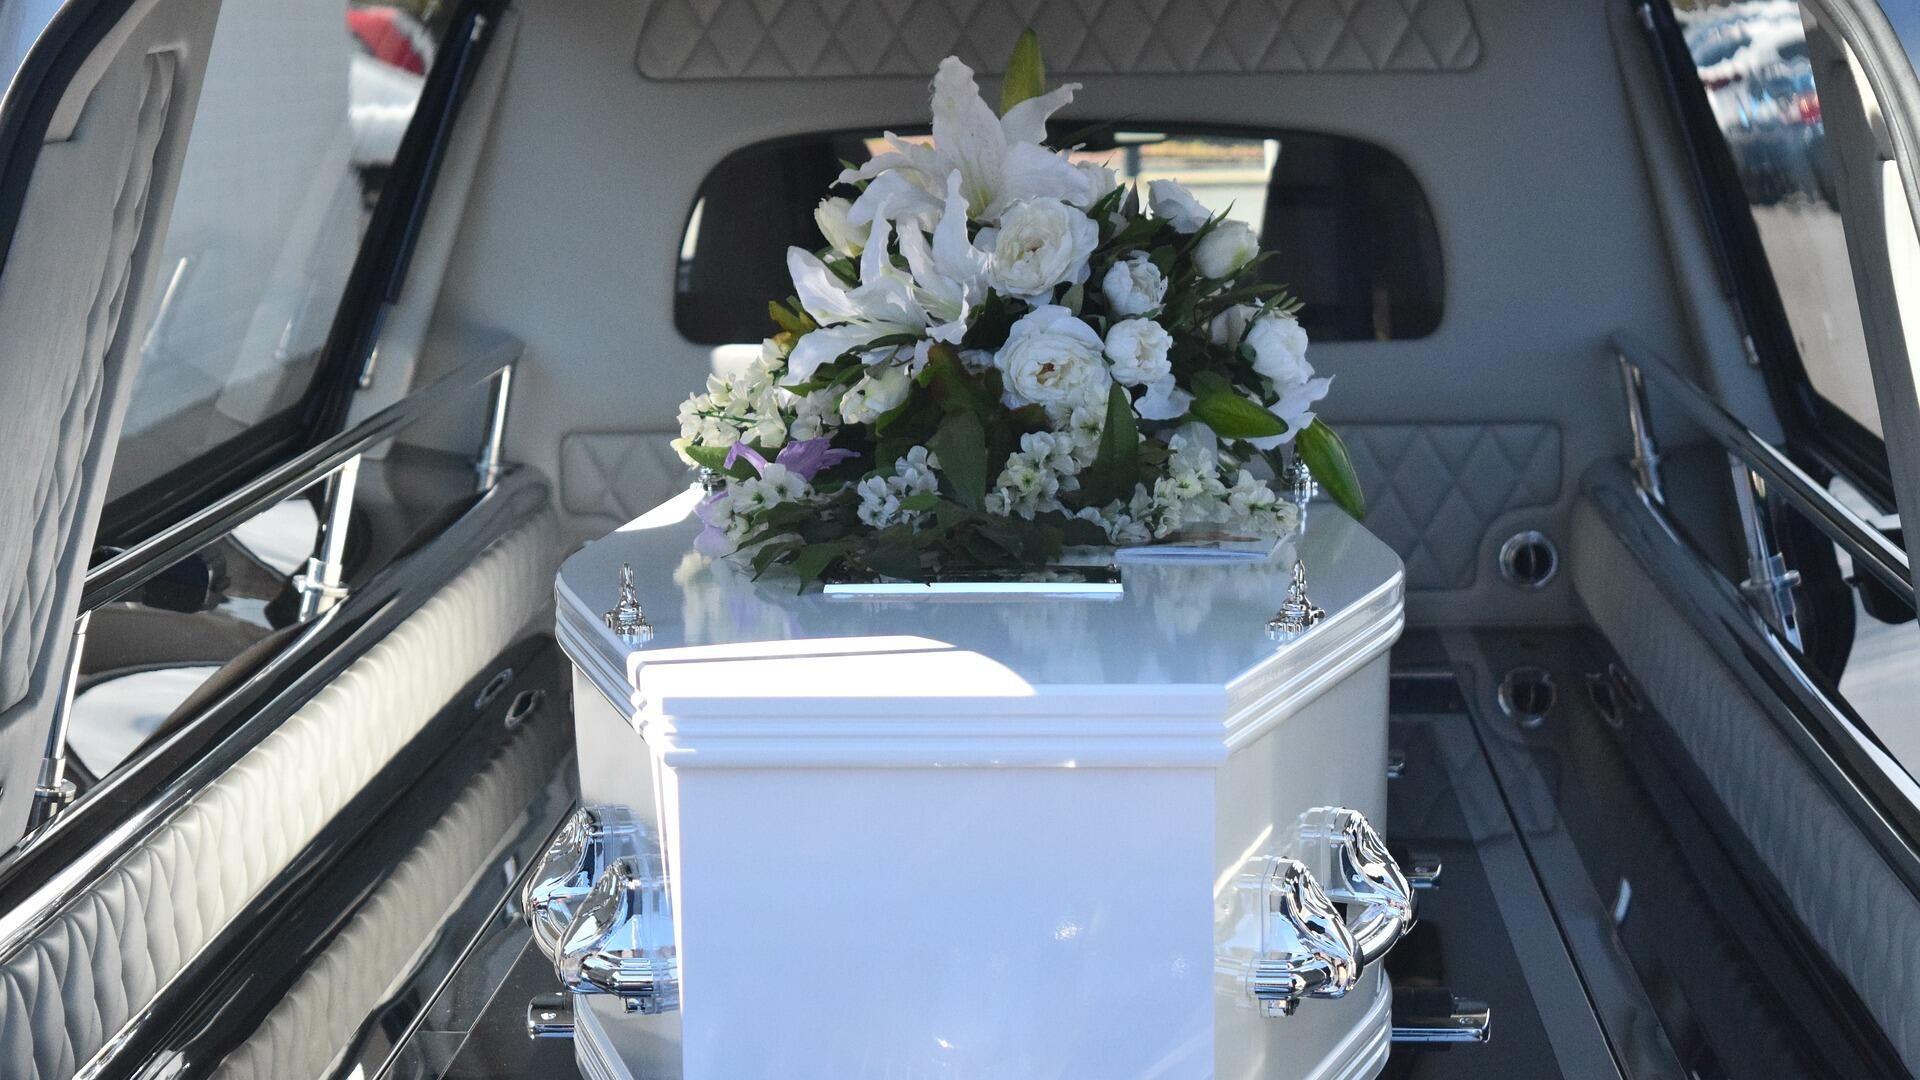 Κηδεία, θάνατος, γραφείο τελετών - Sputnik Ελλάδα, 1920, 24.09.2021